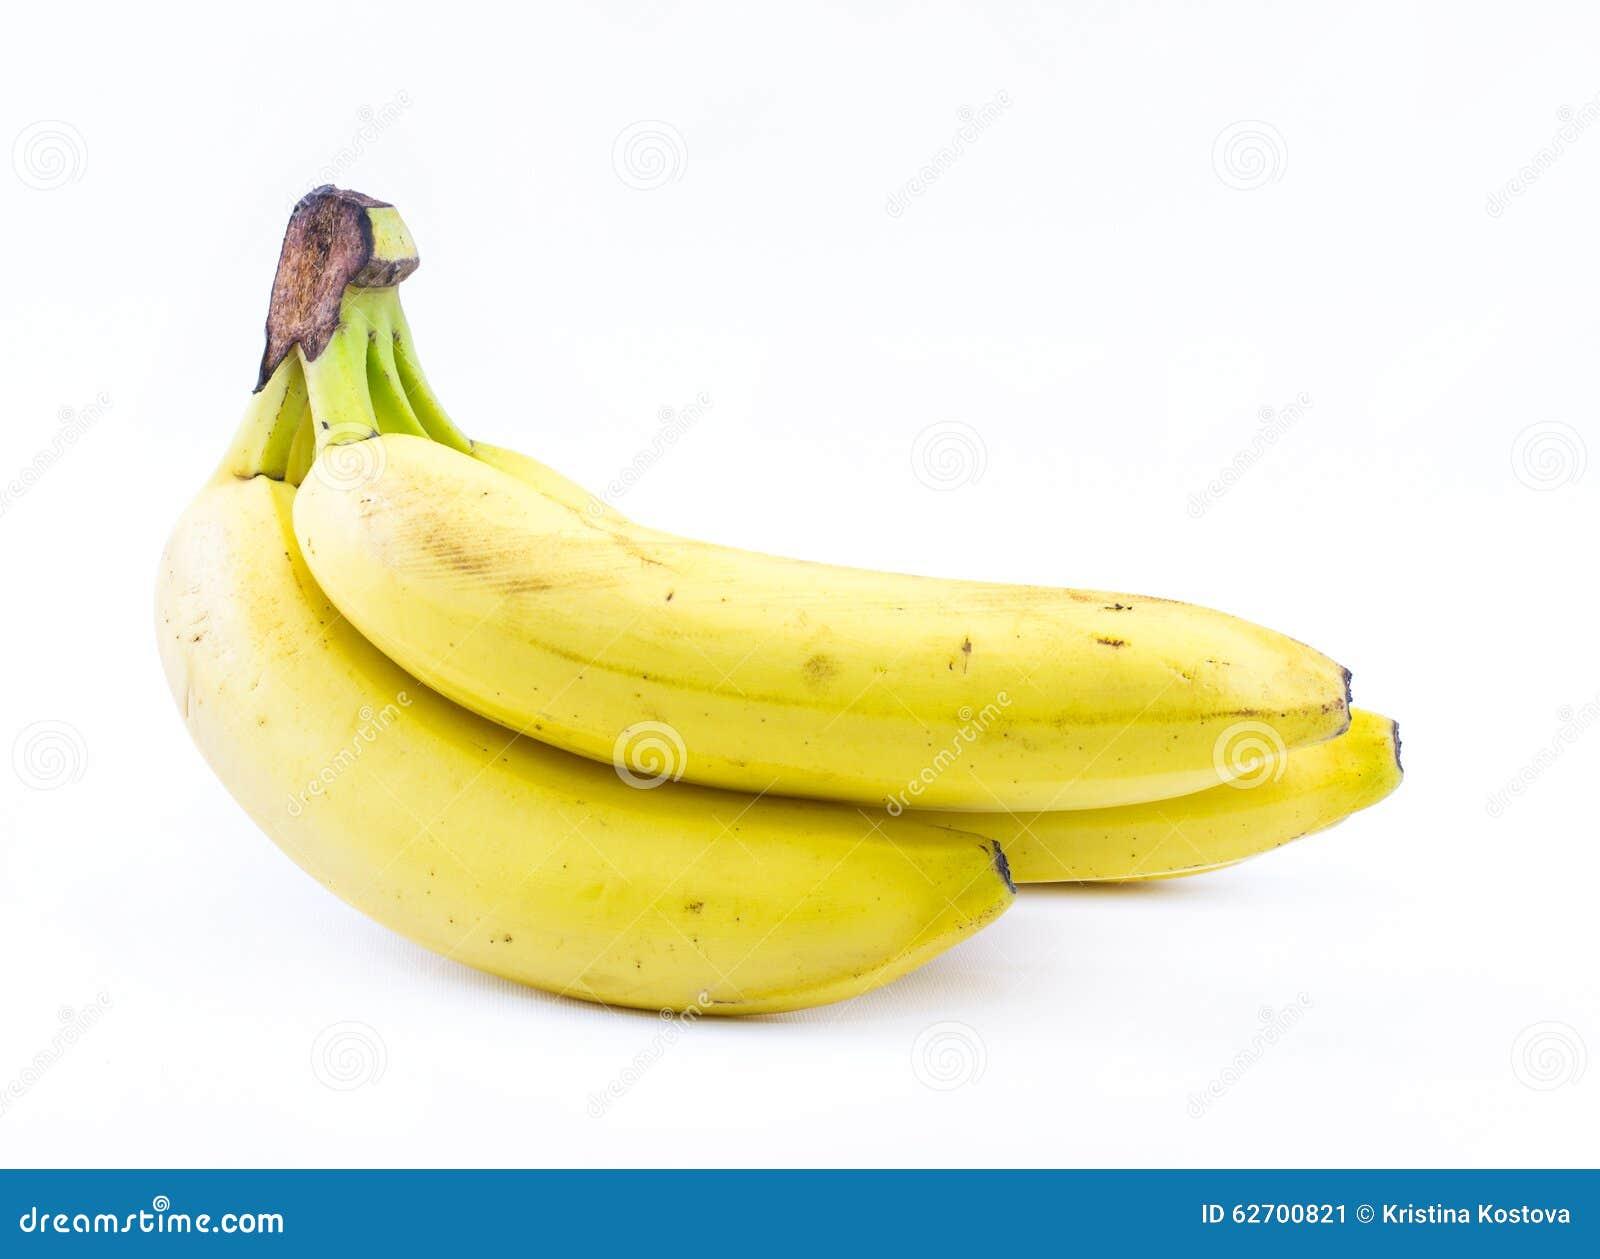 Σωρός των κίτρινων μπανανών σε ένα άσπρο υπόβαθρο - μπροστινή άποψη